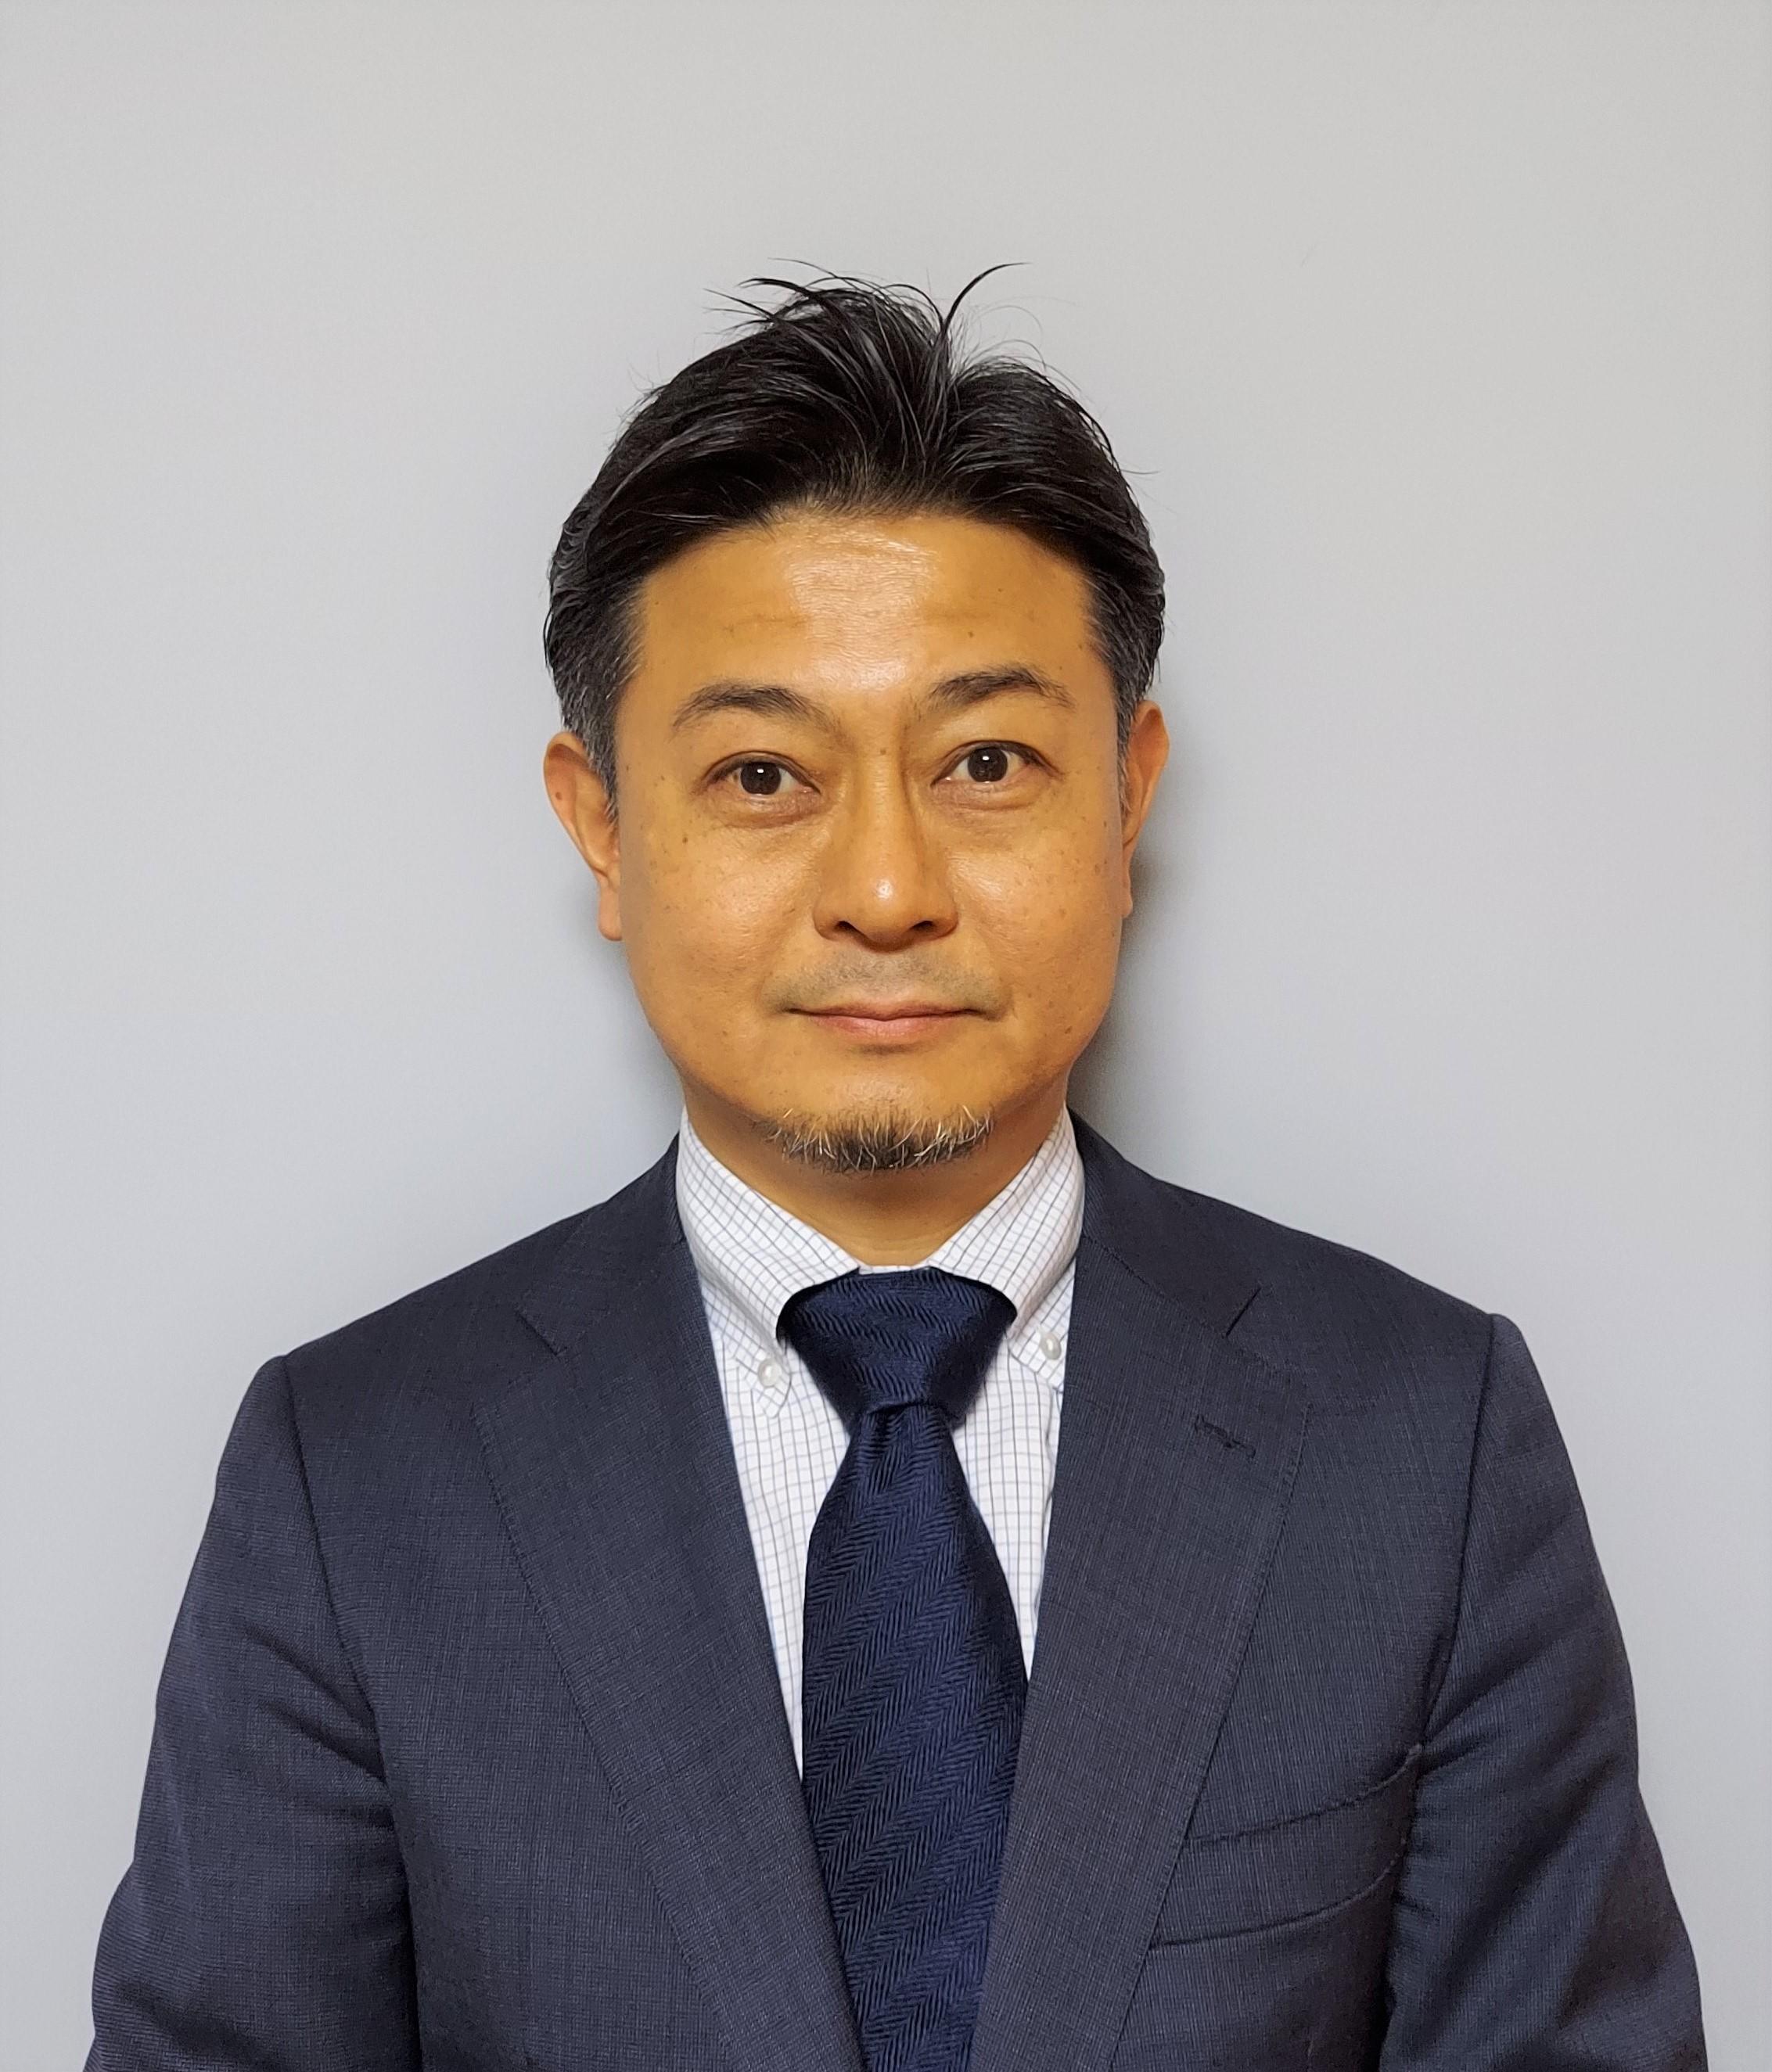 Kazunari TOMITA